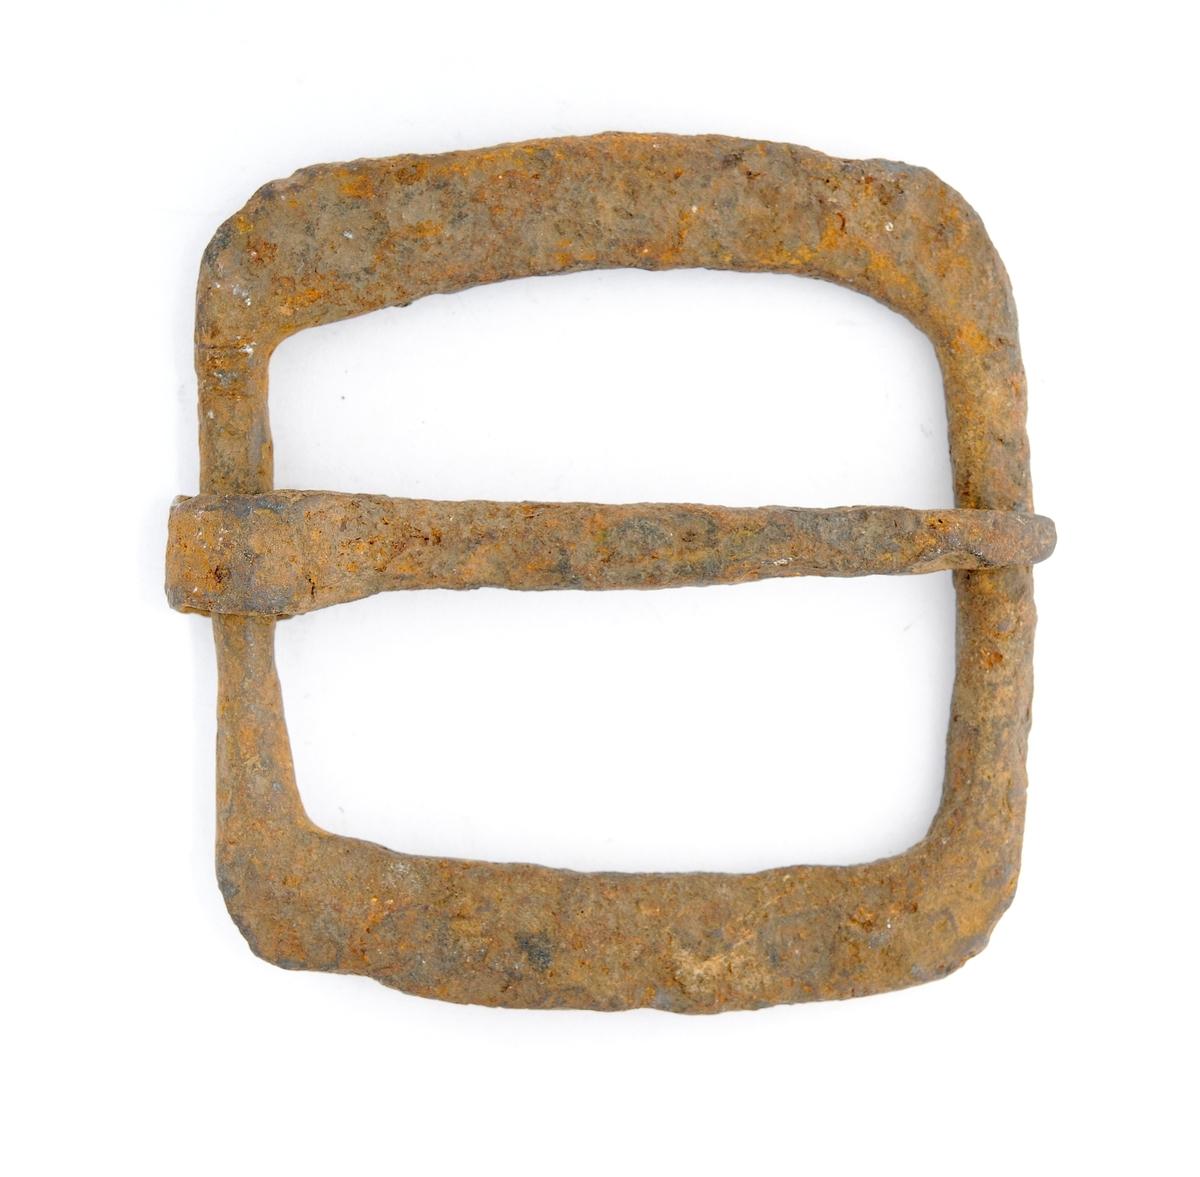 Spenne i støypt jern. Til hestesal? Rektanguler flat form. Tann smidd rundt stolpen. Ingen dekor. Litt rusta.